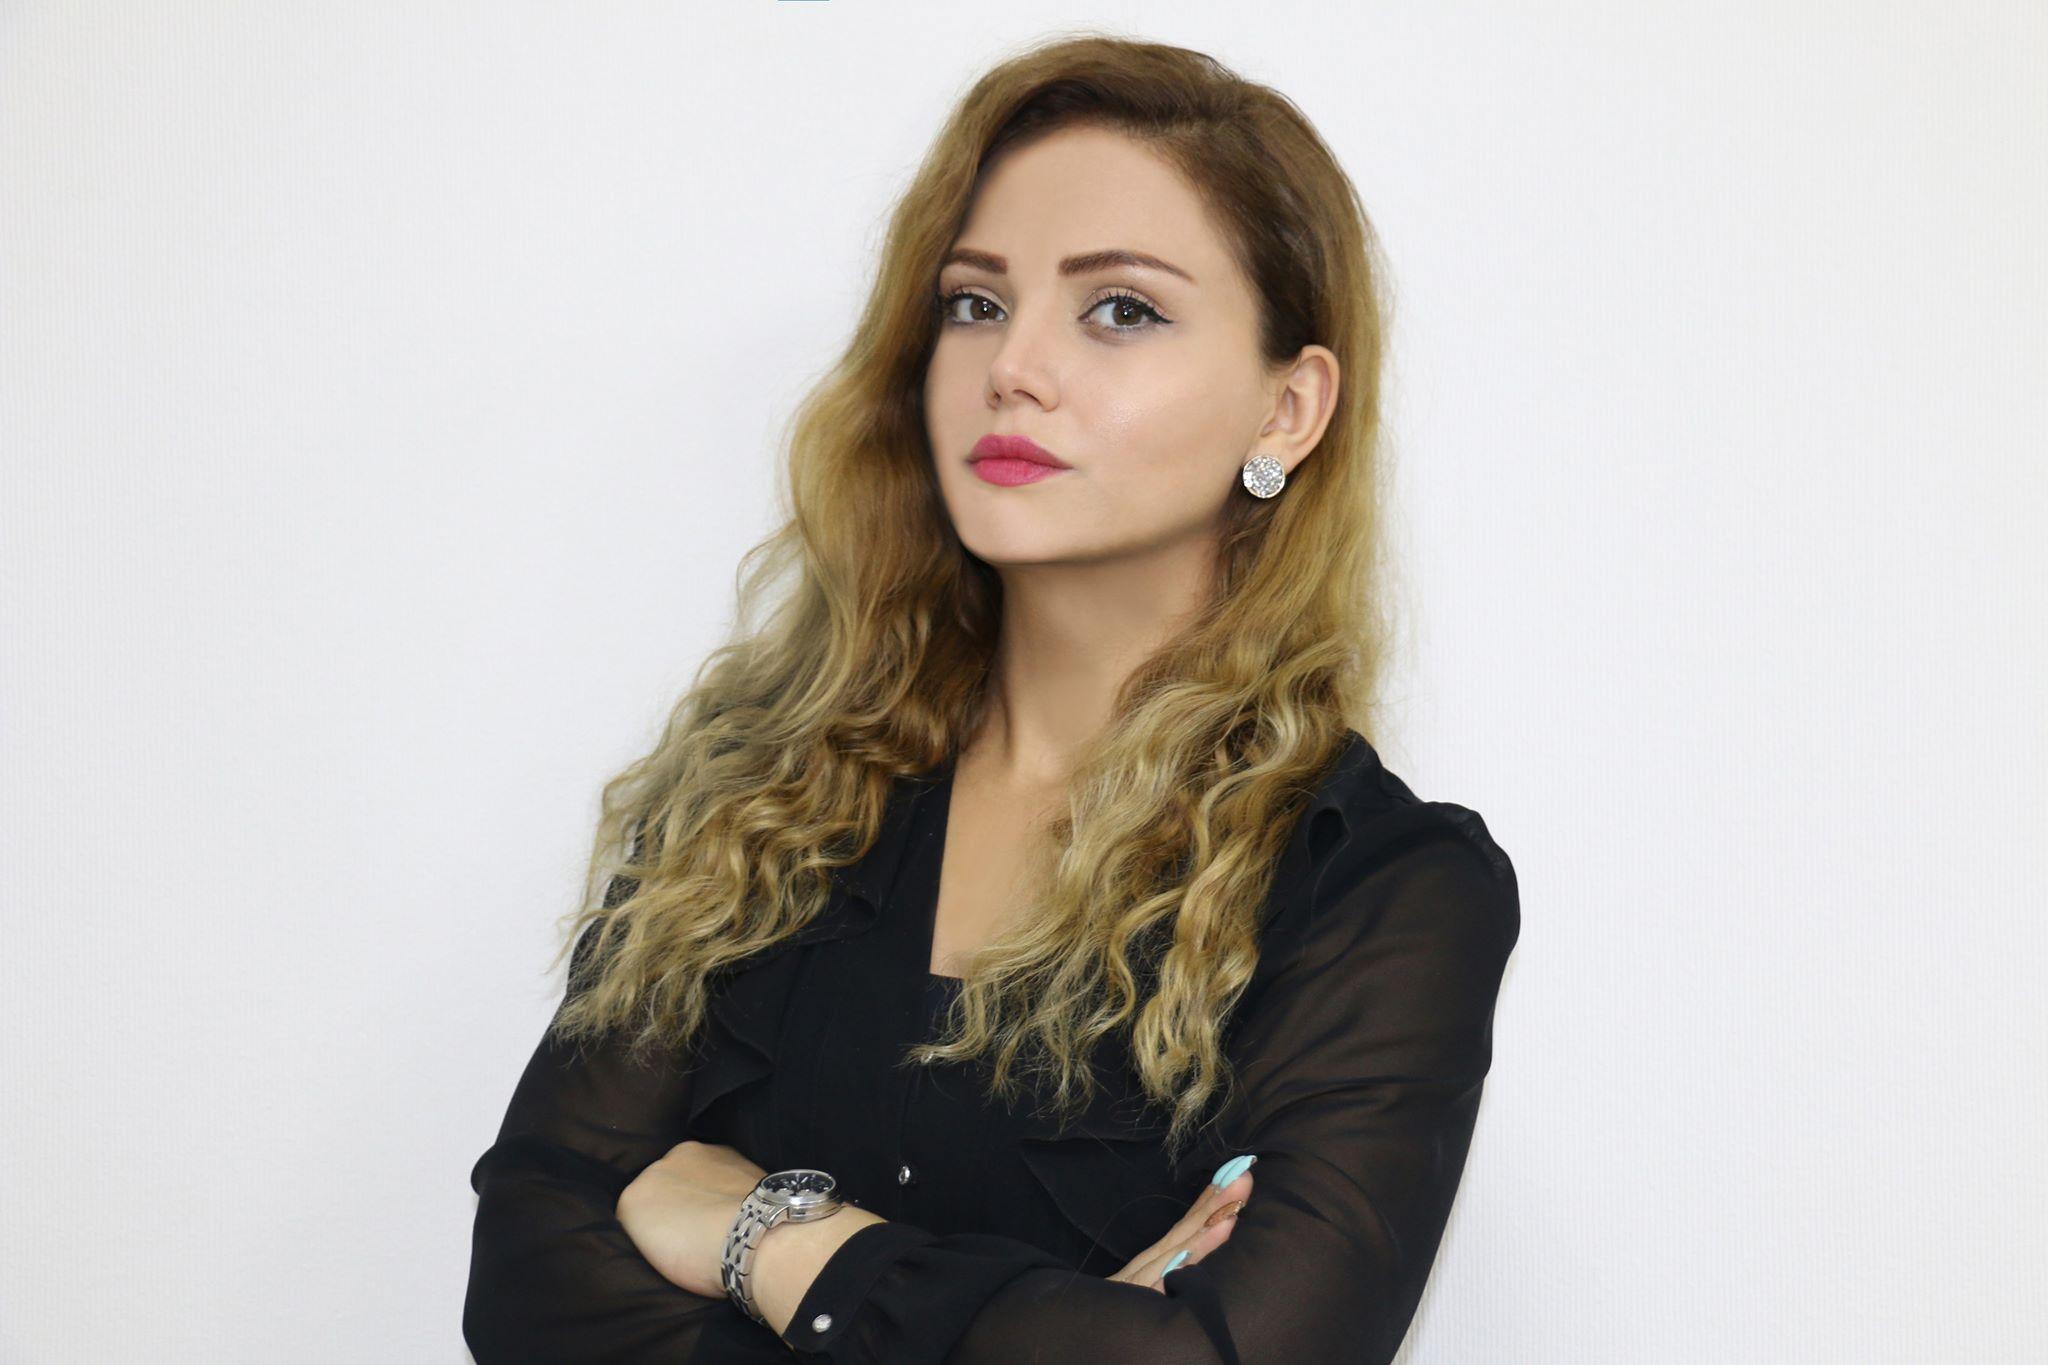 İcbari Tibbi Sığortada Xidmətlər Zərfinə nələr daxildir?